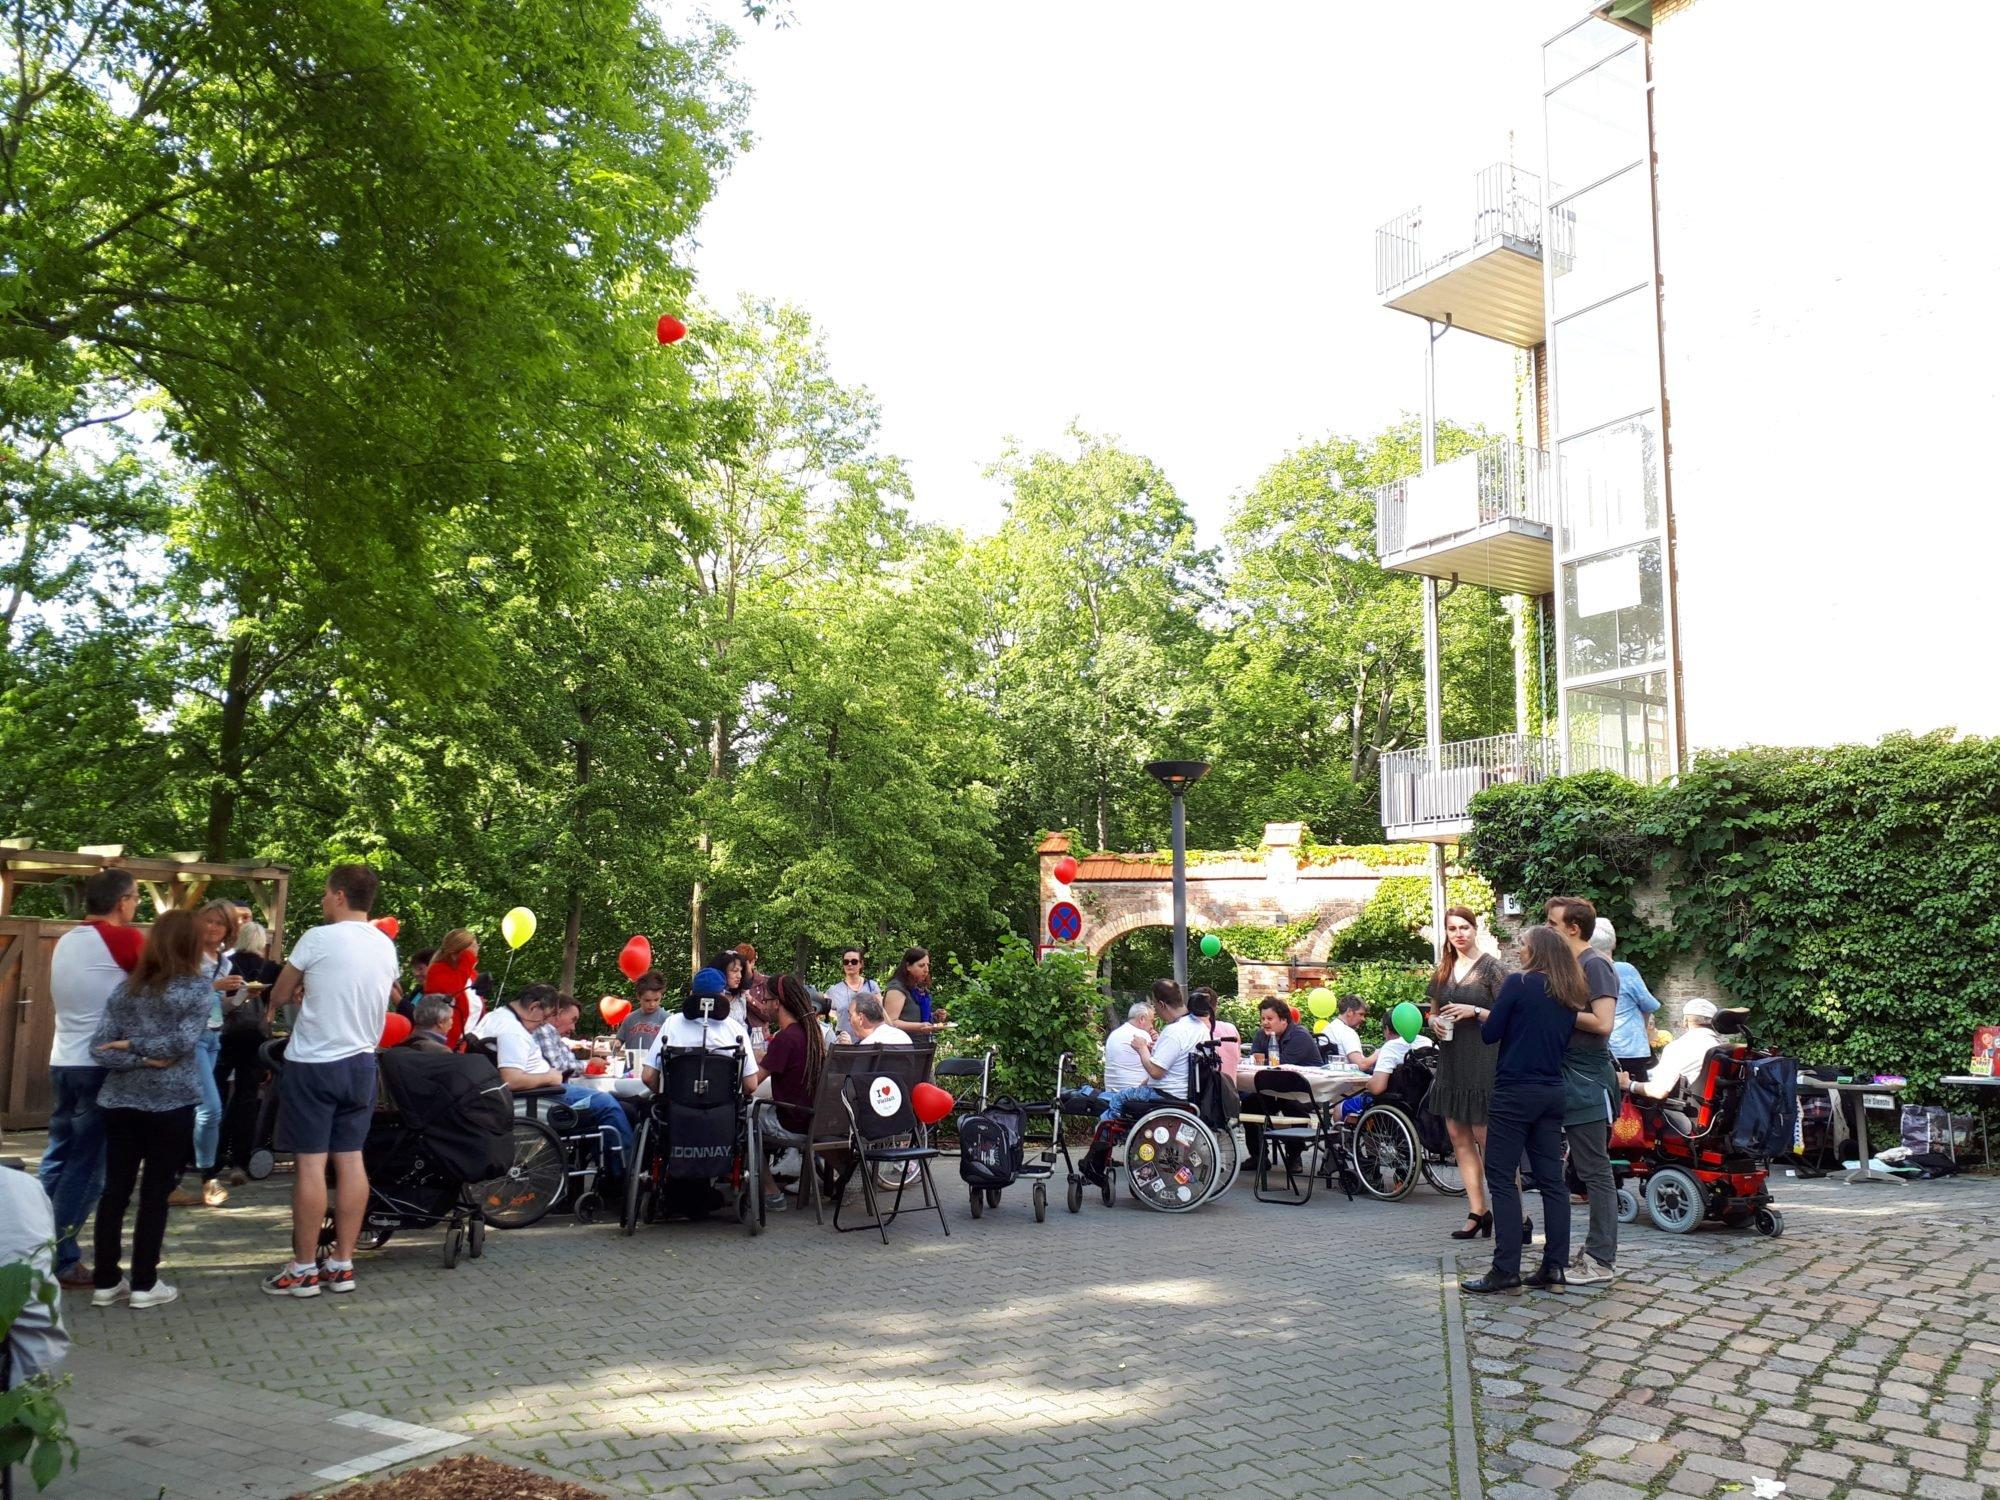 Ein schönes Fest - Blick auf das Gebäude und auf den Hof mit den Tischgruppen. Menschen sitzen und stehen hier, unterhalten sich oder essen und haben eine schöne Zeit.